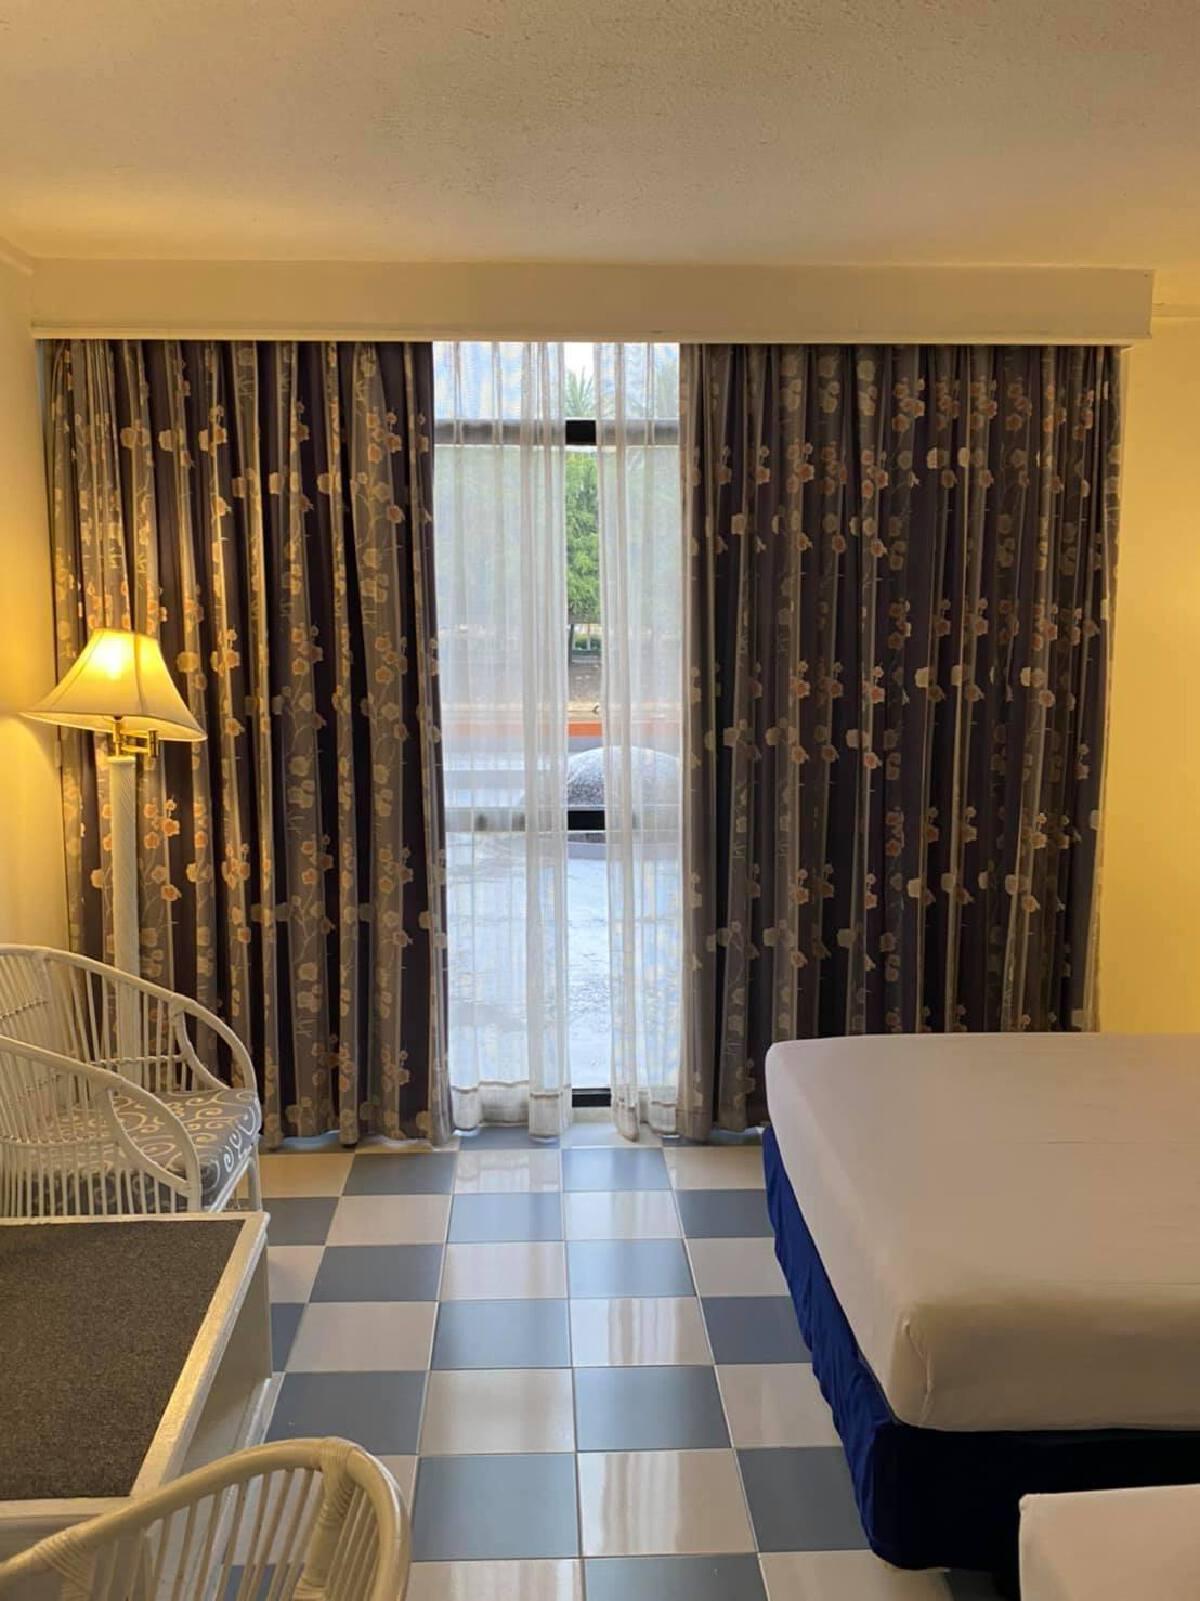 หนุ่มเซ็งรีวิวกักตัว กับโรงแรมที่รัฐจัดให้ เจอห้องสกปรก ขาแมลงในอาหาร